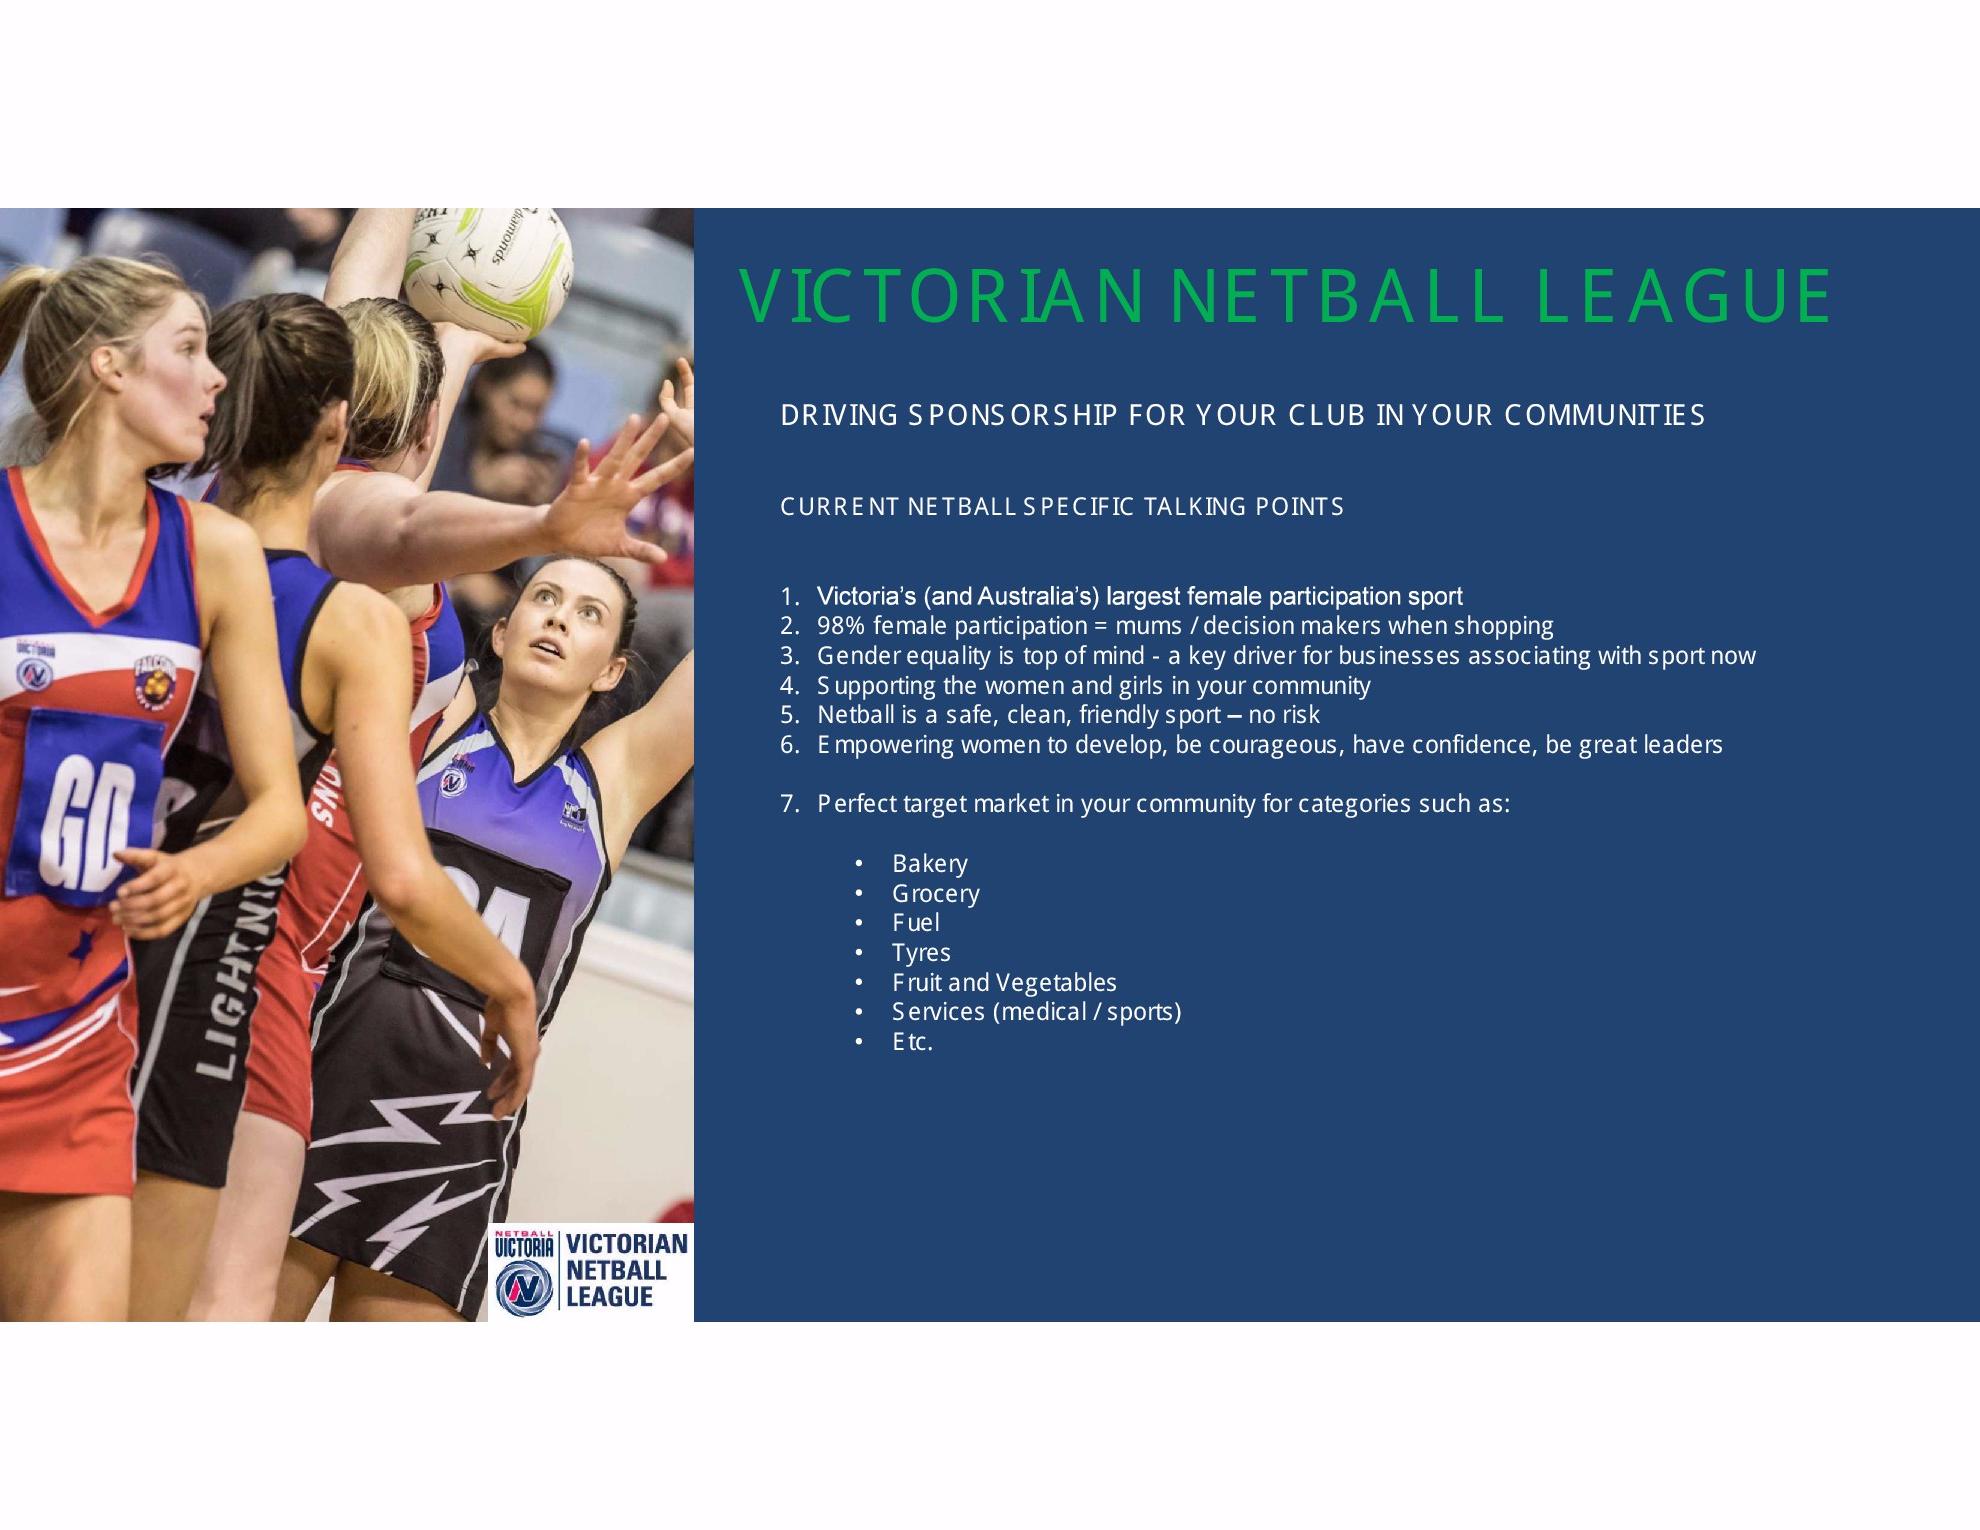 VNL sponsorship